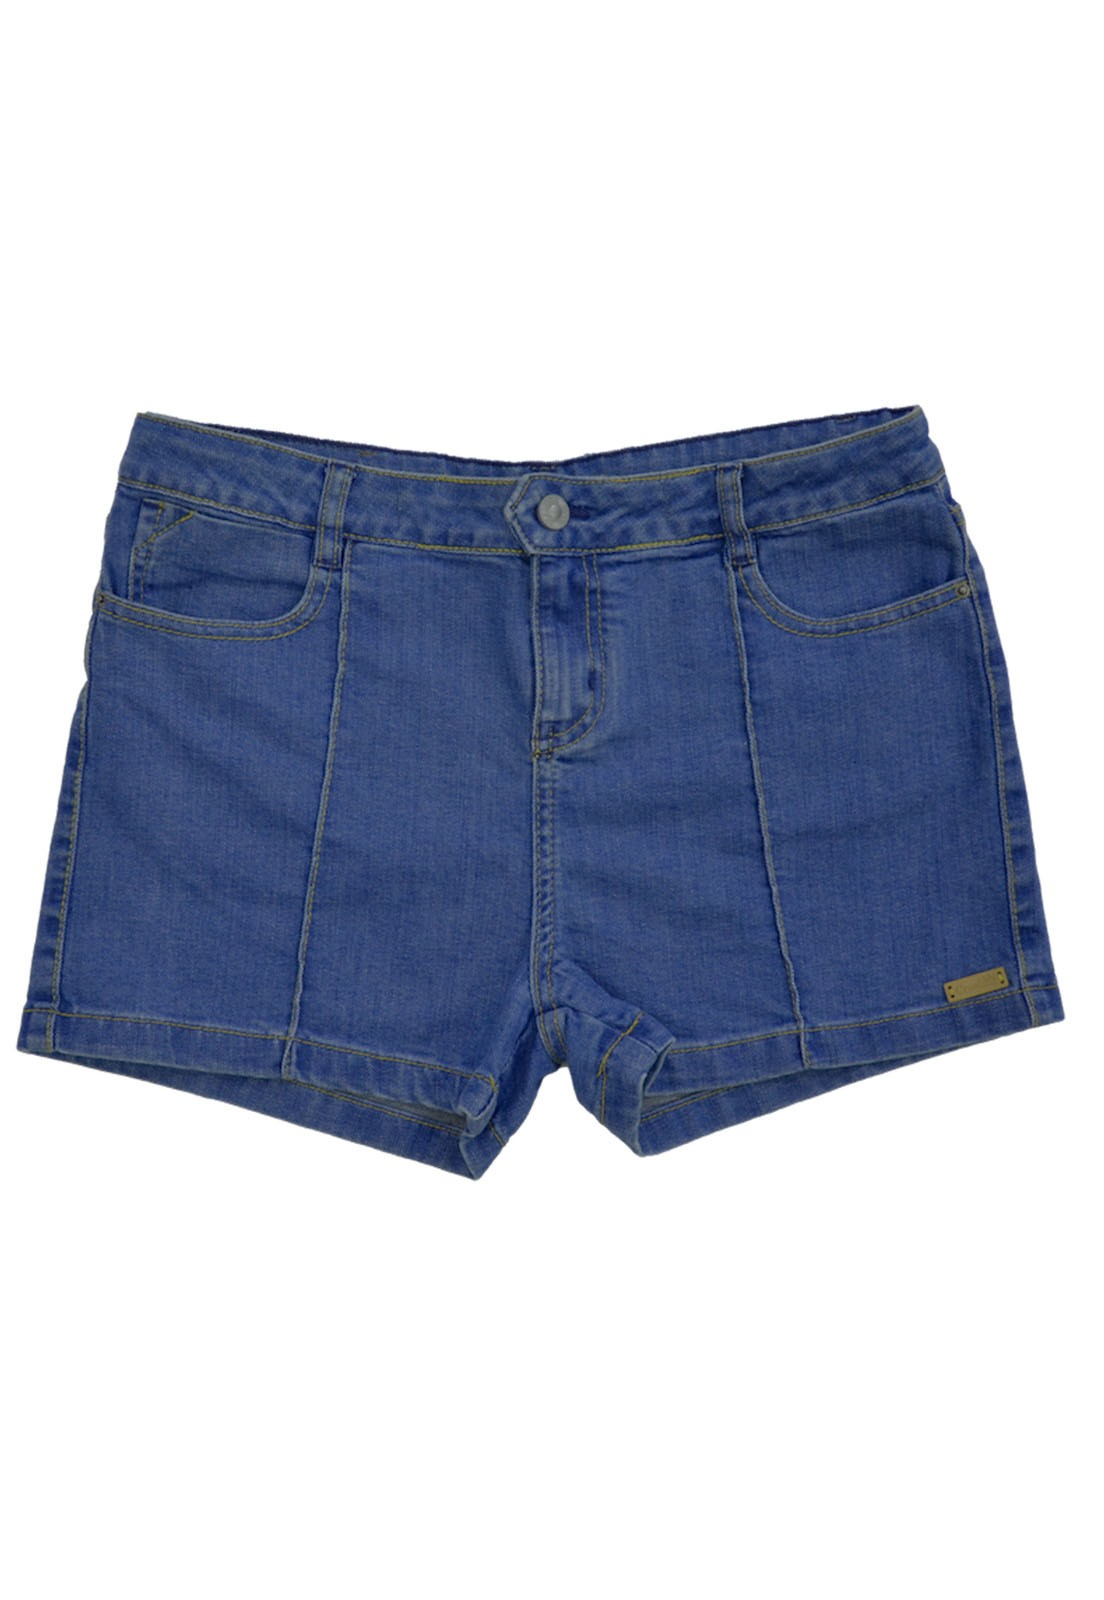 Short Feminino Crawling Jeans